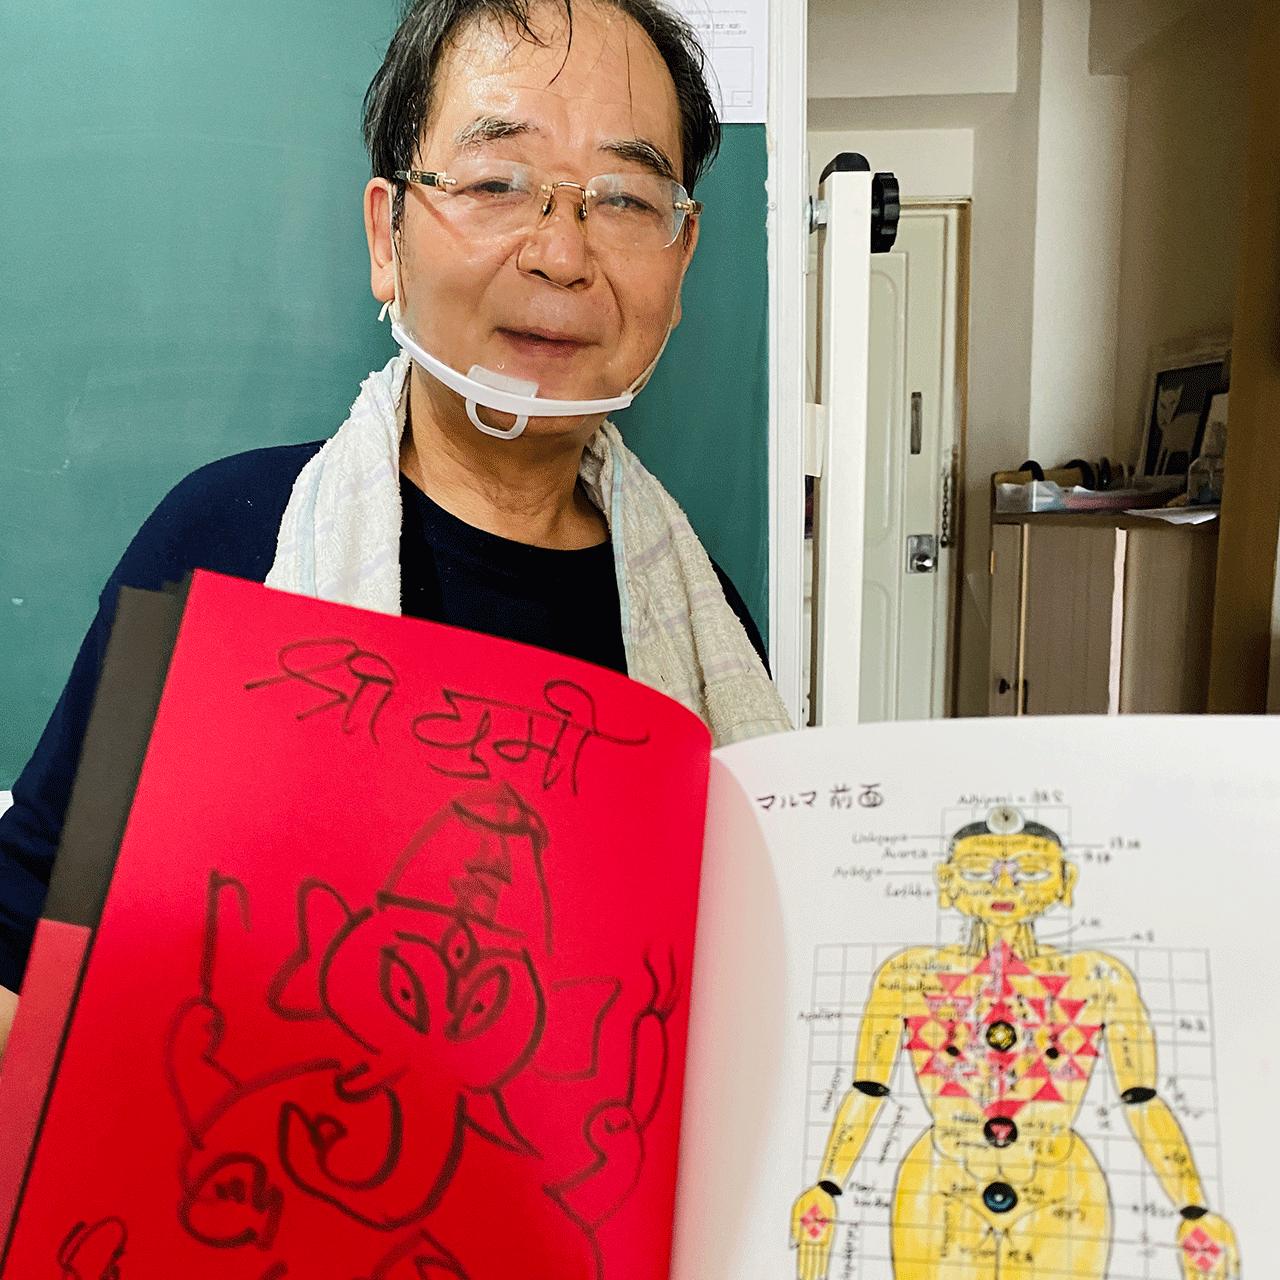 図説マルマ著者 伊藤武先生